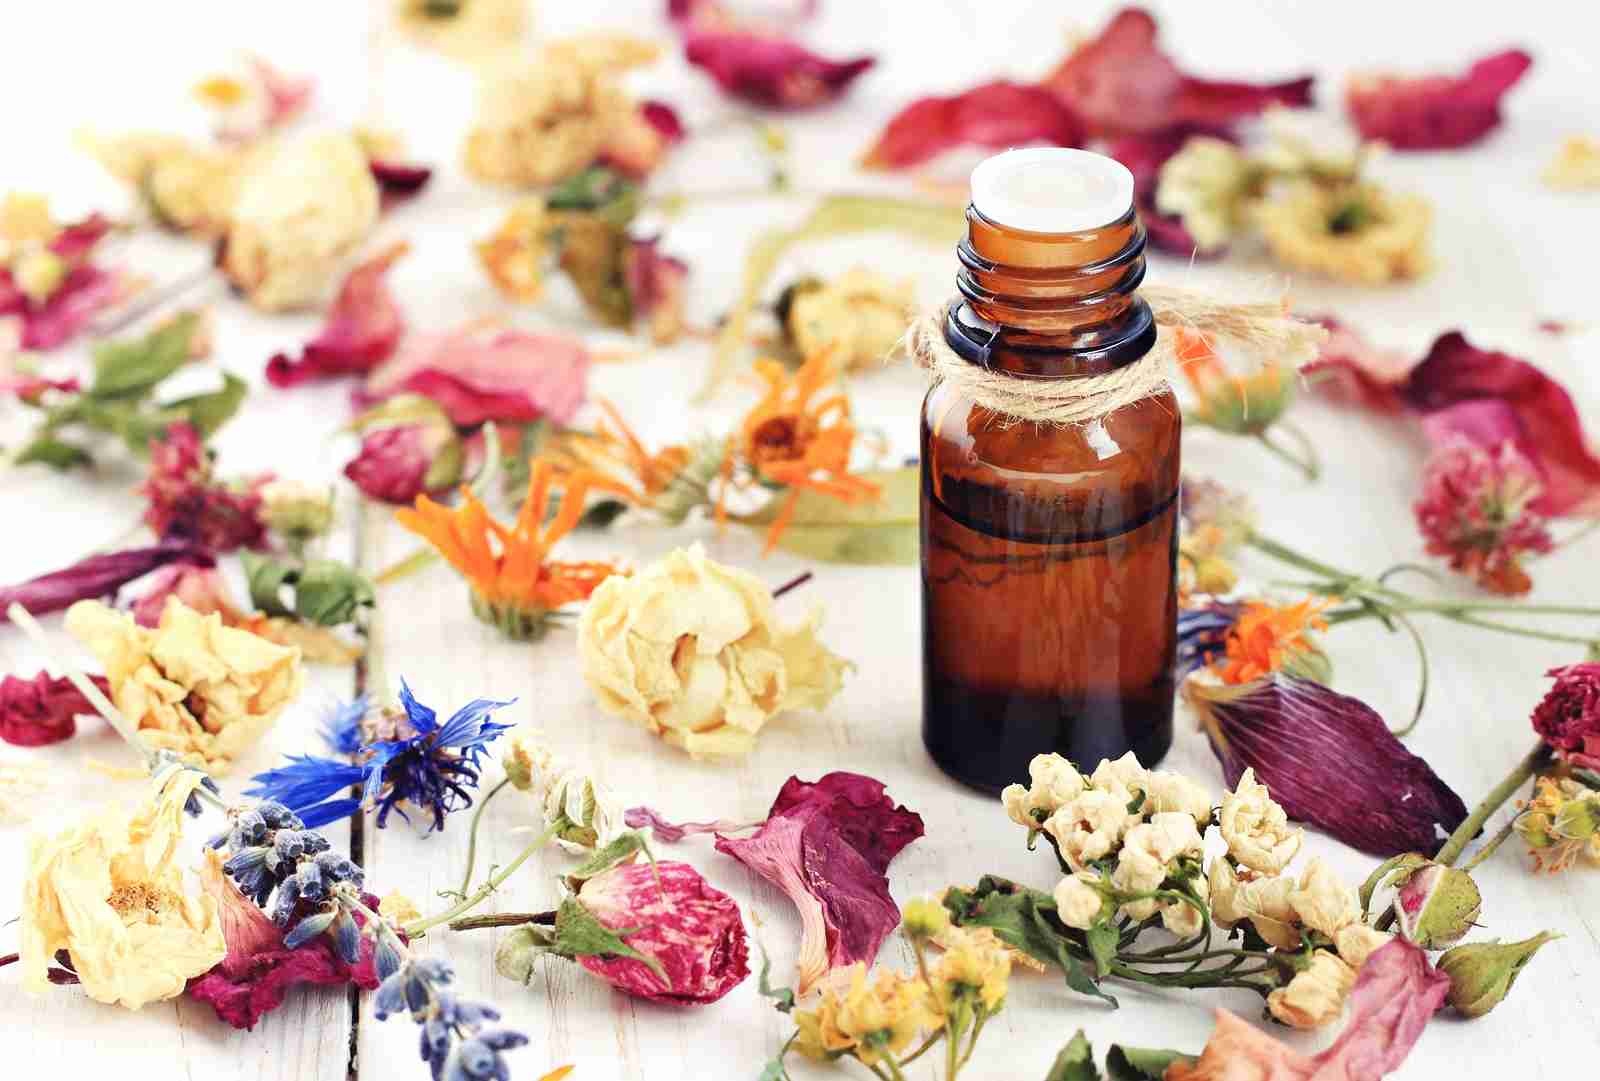 Herbal infused essential oils